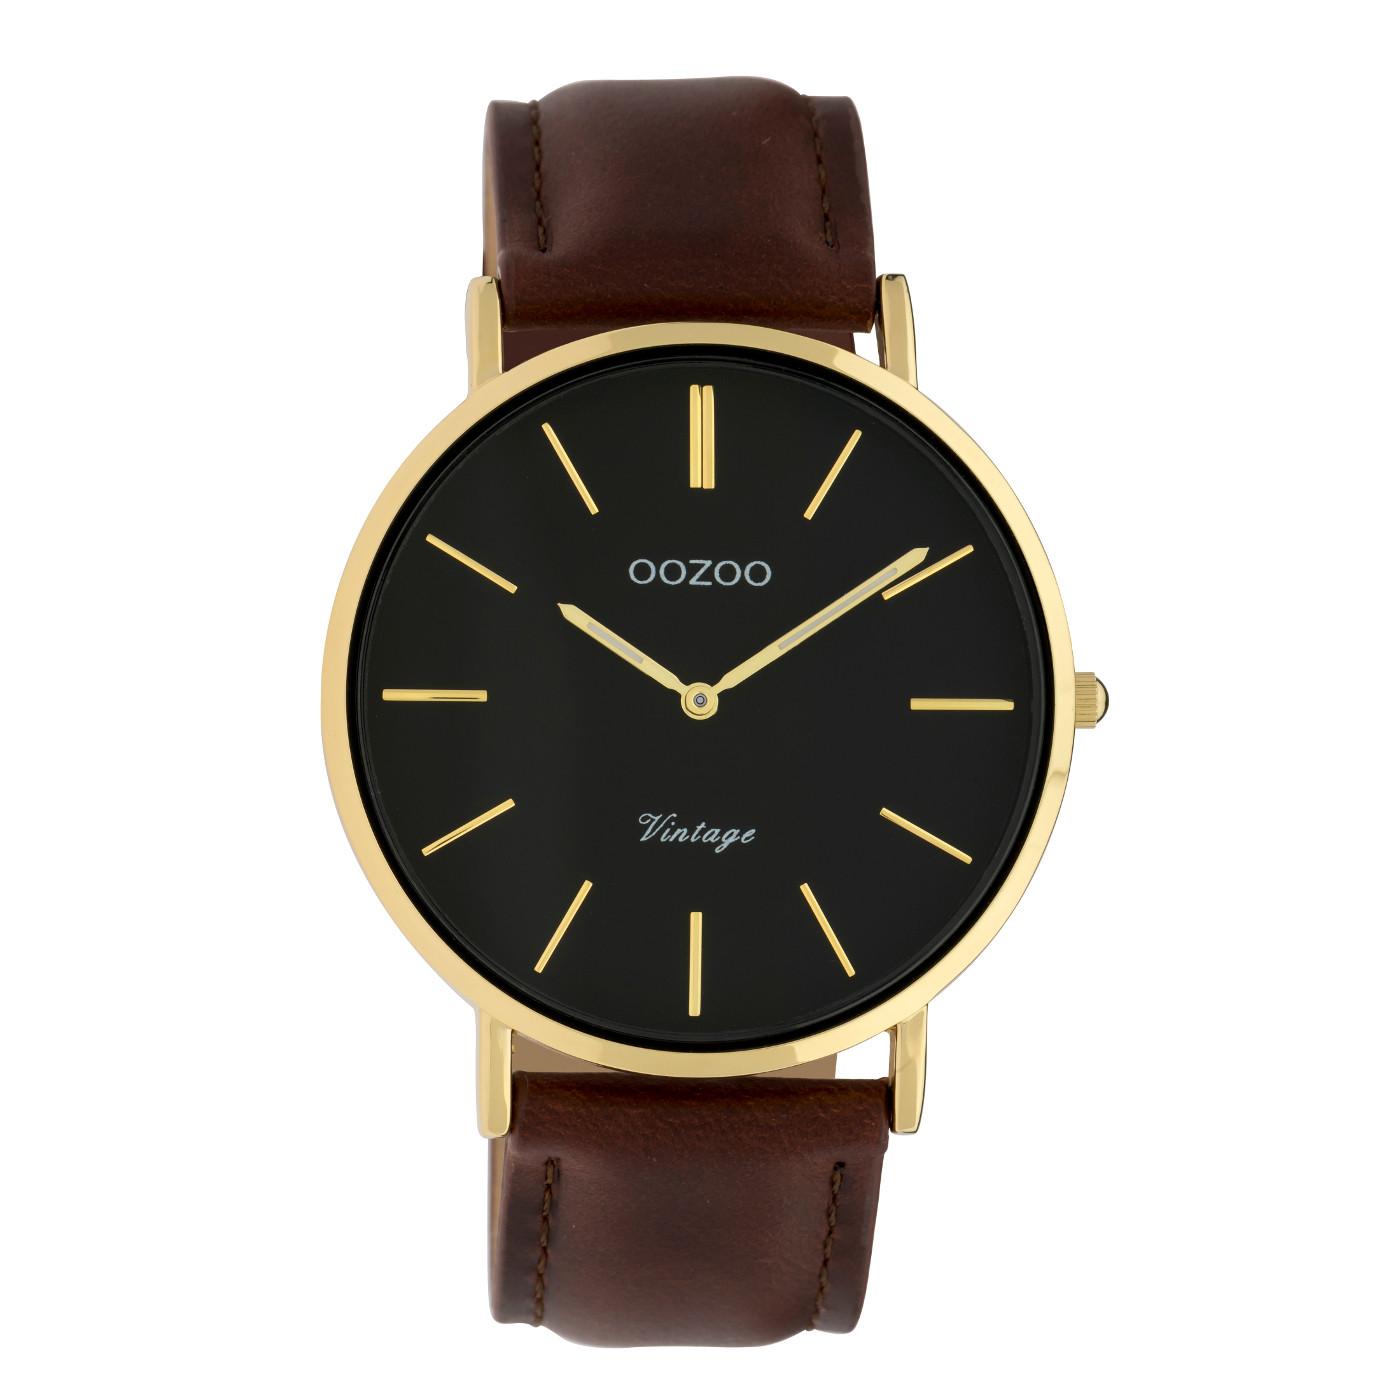 OOZOO Vintage Bruin/Zwart horloge C9833 (40 mm)